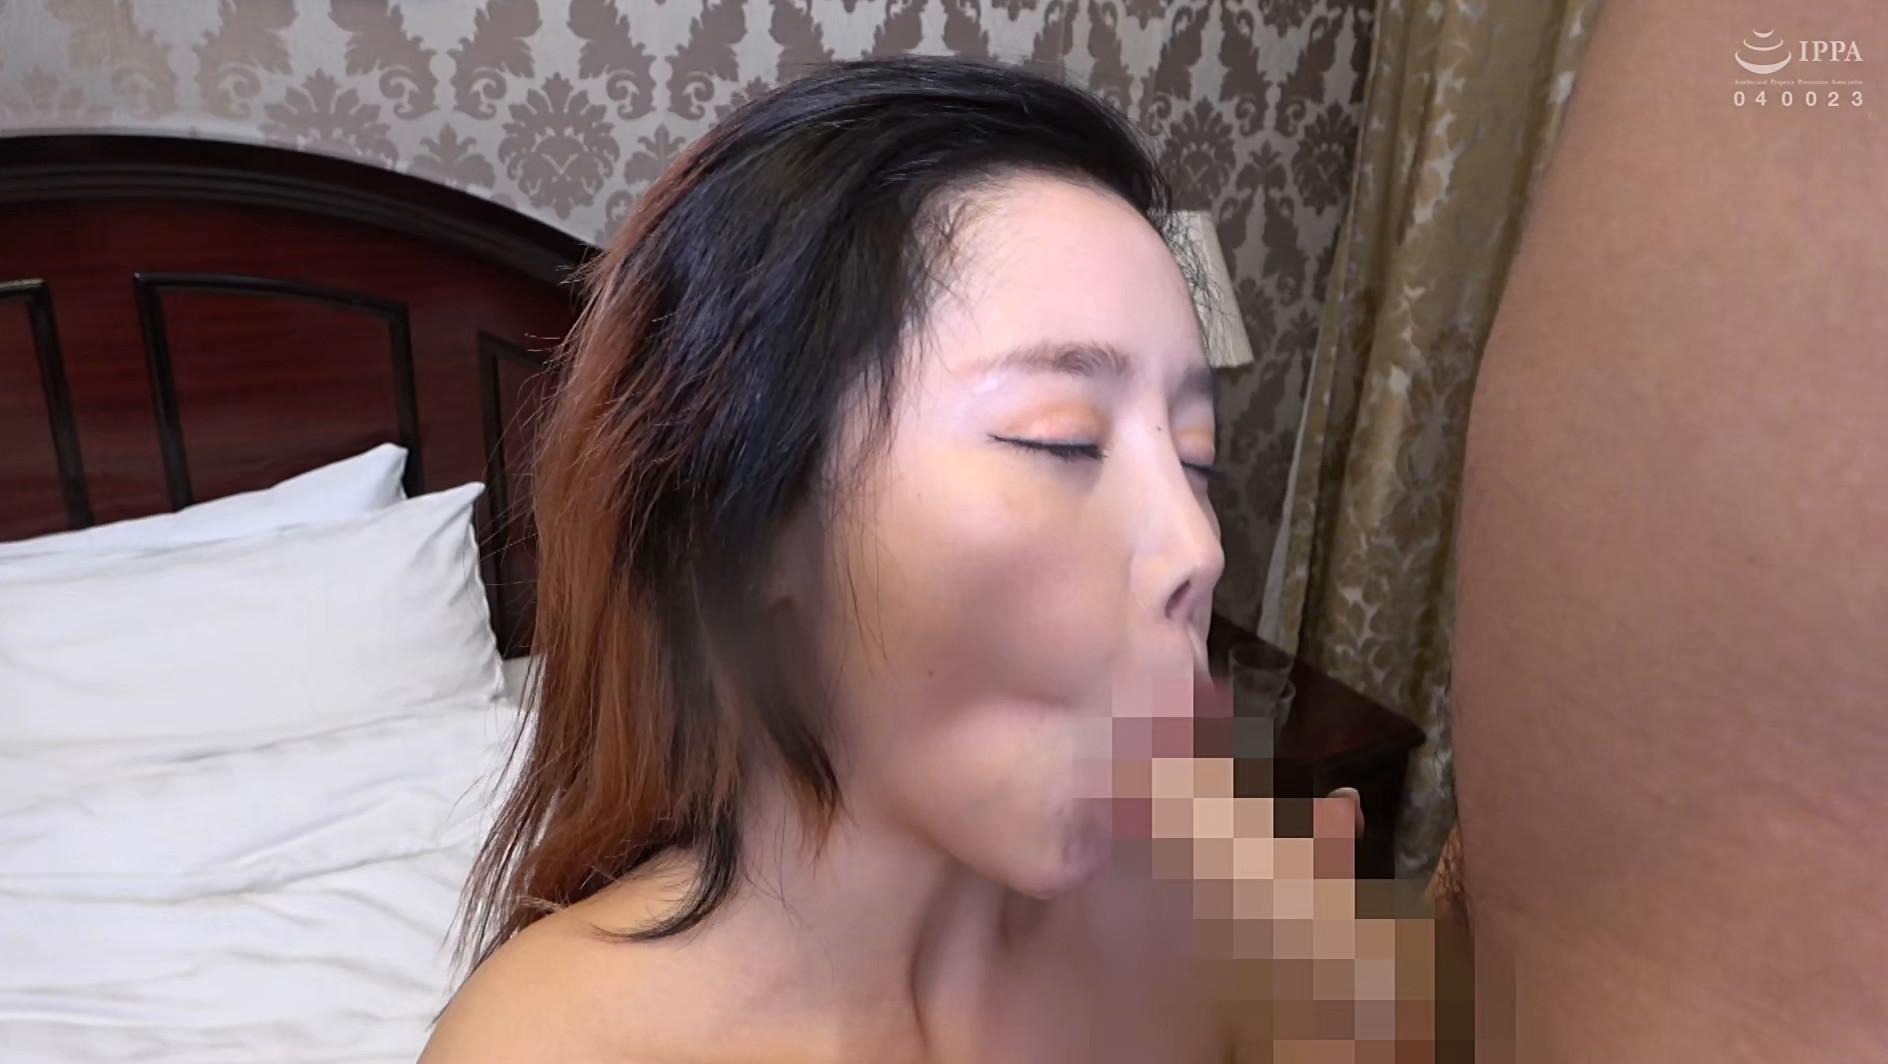 まるで設定6のスロットみたい!韓国で遭遇したヤリマン美女!セックスが好き過ぎて日本人のペニスに興味津々!圧倒的な美脚騎乗位でザー汁を絞り出されてスッキリ! 画像21